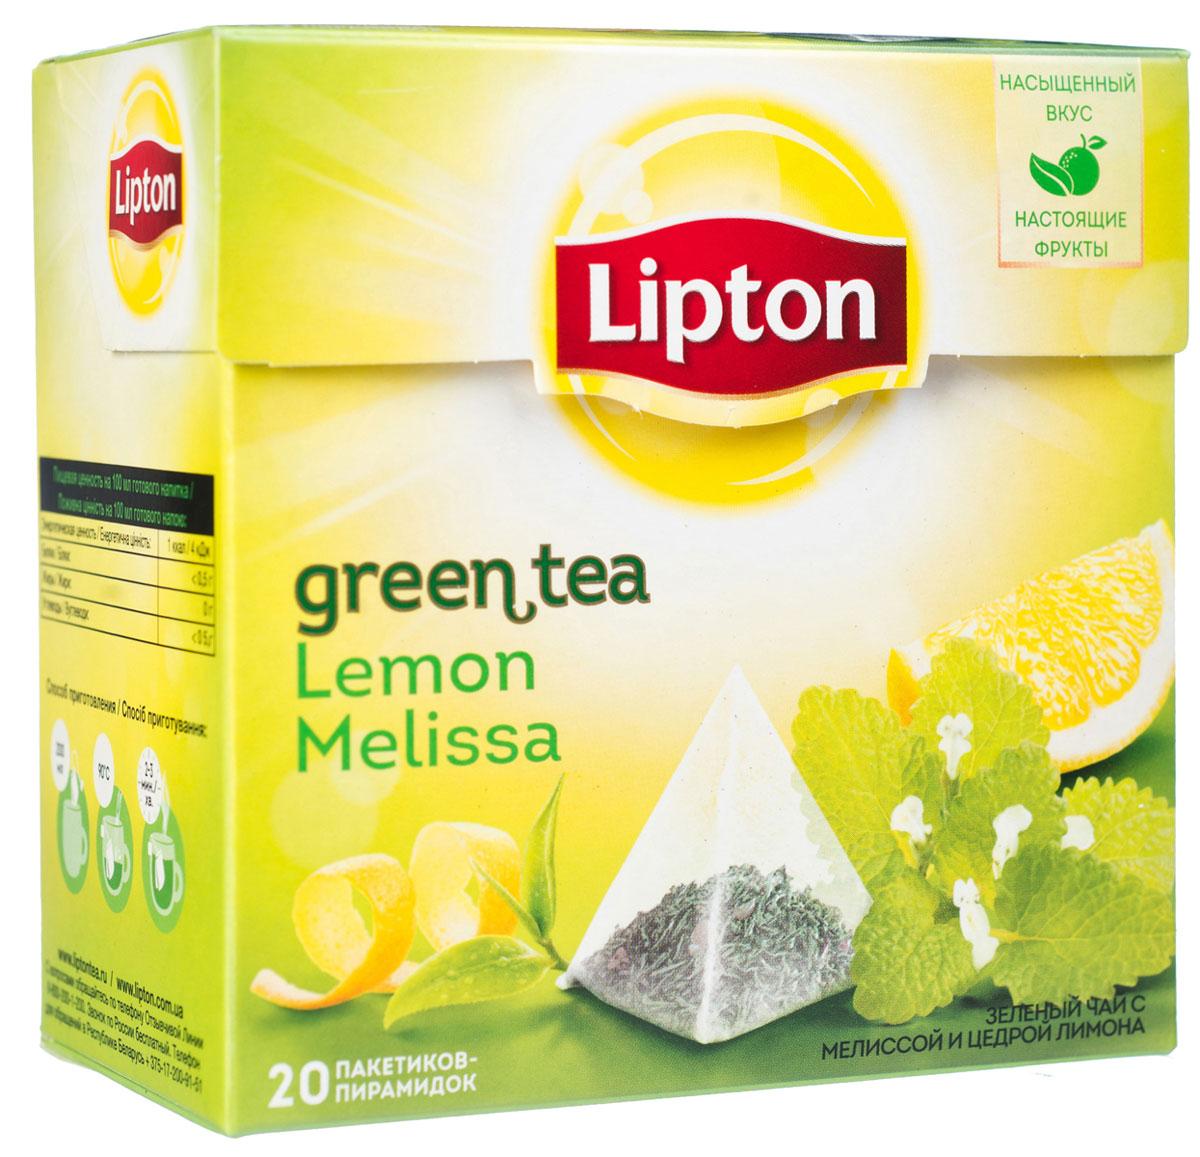 Lipton Lemon Melissa Green Tea зеленый чай в пирамидках с листочками лимонной мяты 20 шт67009797/21187930/65414956Lipton Lemon Melissa - зеленый чай с лимонной мятой. Когда нежный зеленый чай встречается с дерзким фруктово- травяным коктейлем, образуется восхитительный дуэт. Тщательно отобранные и бережно высушенные молодые чайные листочки, дополненные свежестью лимонной цедры и листиков мелиссы, подарят легкий вкус, в котором почти не осталось места для горечи. Свободное пространство в пакетике-пирамидке позволяет купажу полностью раскрыться.